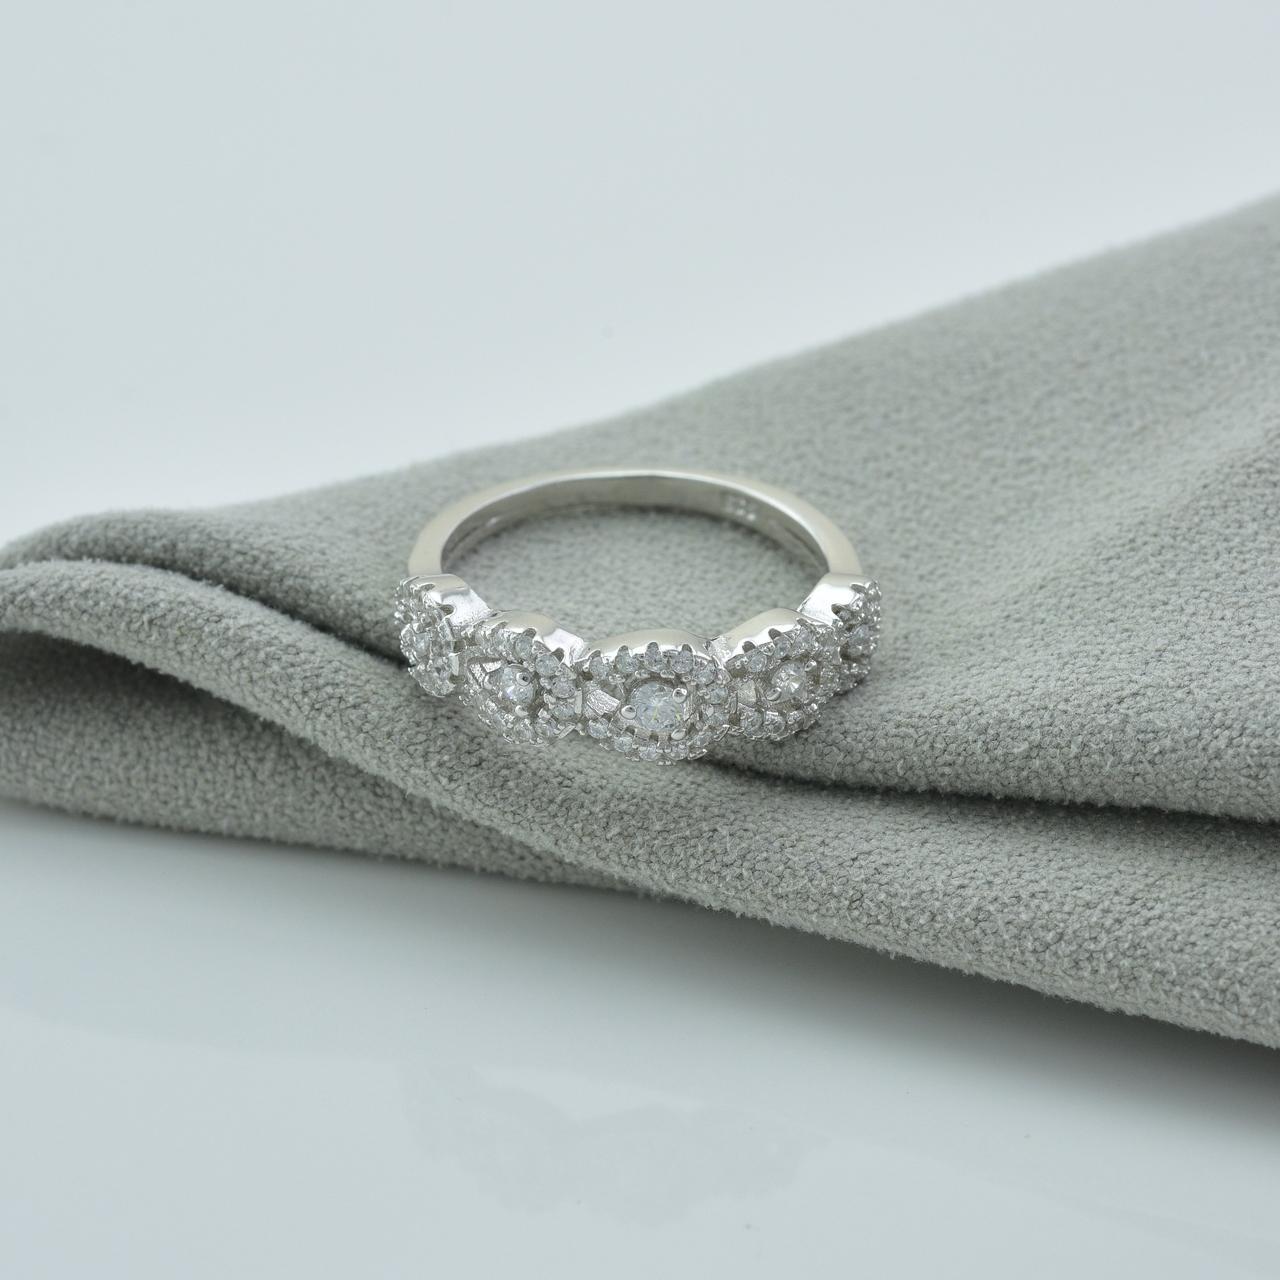 Серебряное кольцо размер 18 вставка белые фианиты вес 3.5 г